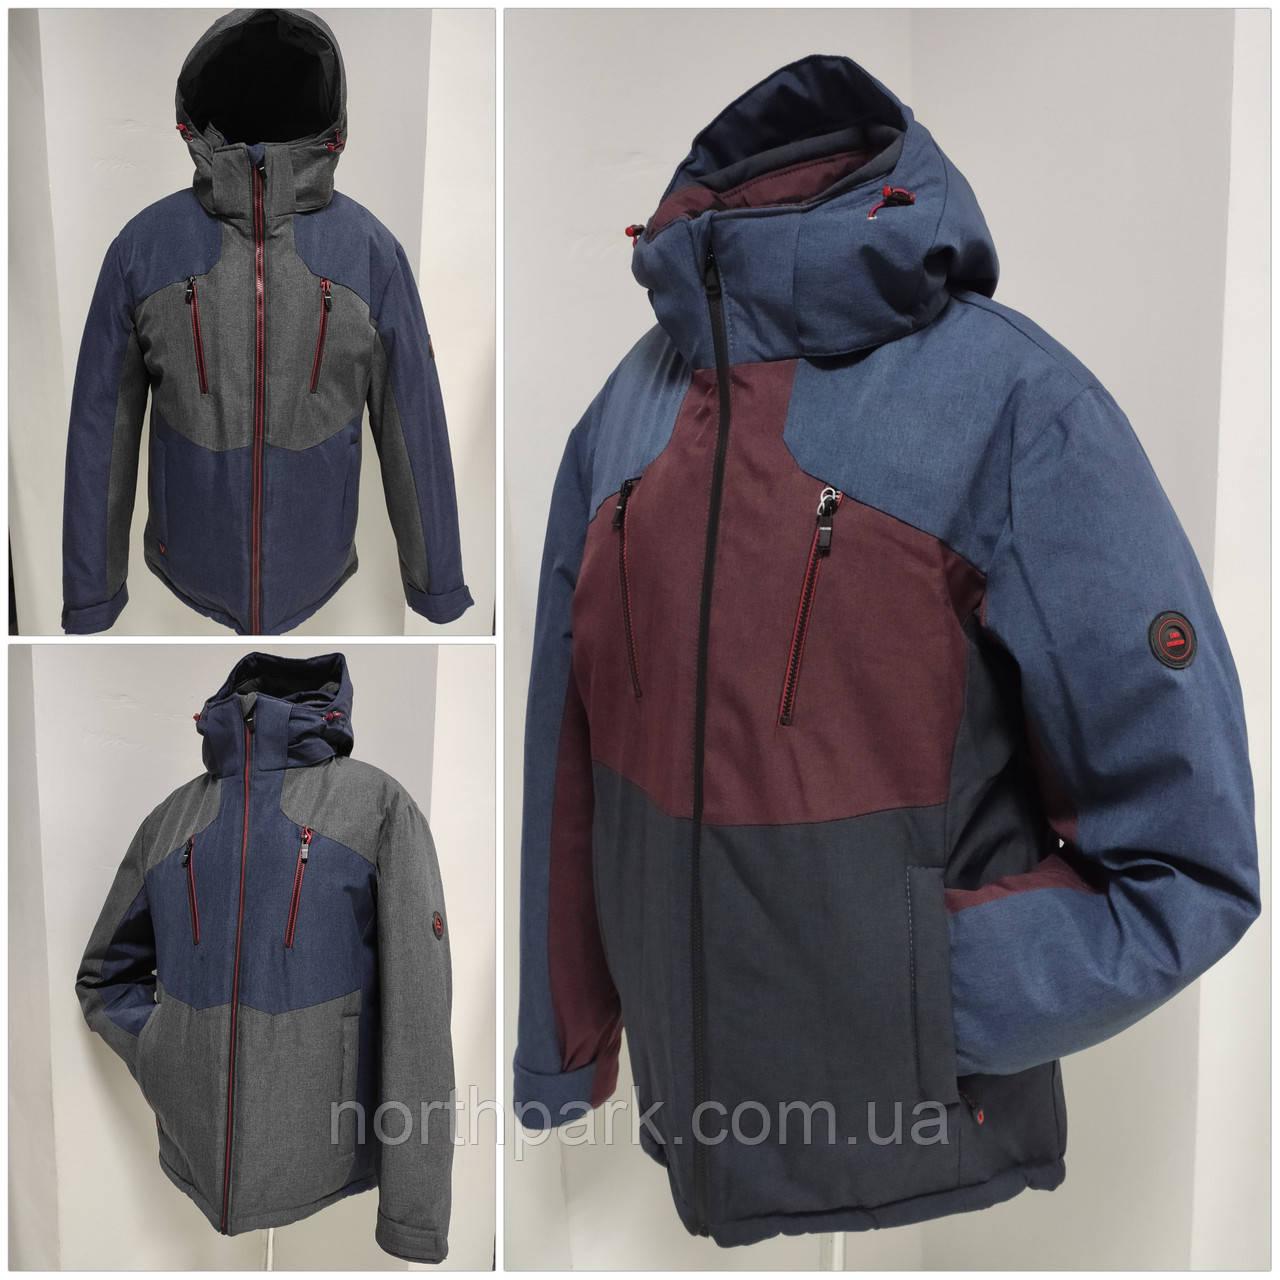 Молодіжна чоловіча зимова куртка VArt матова